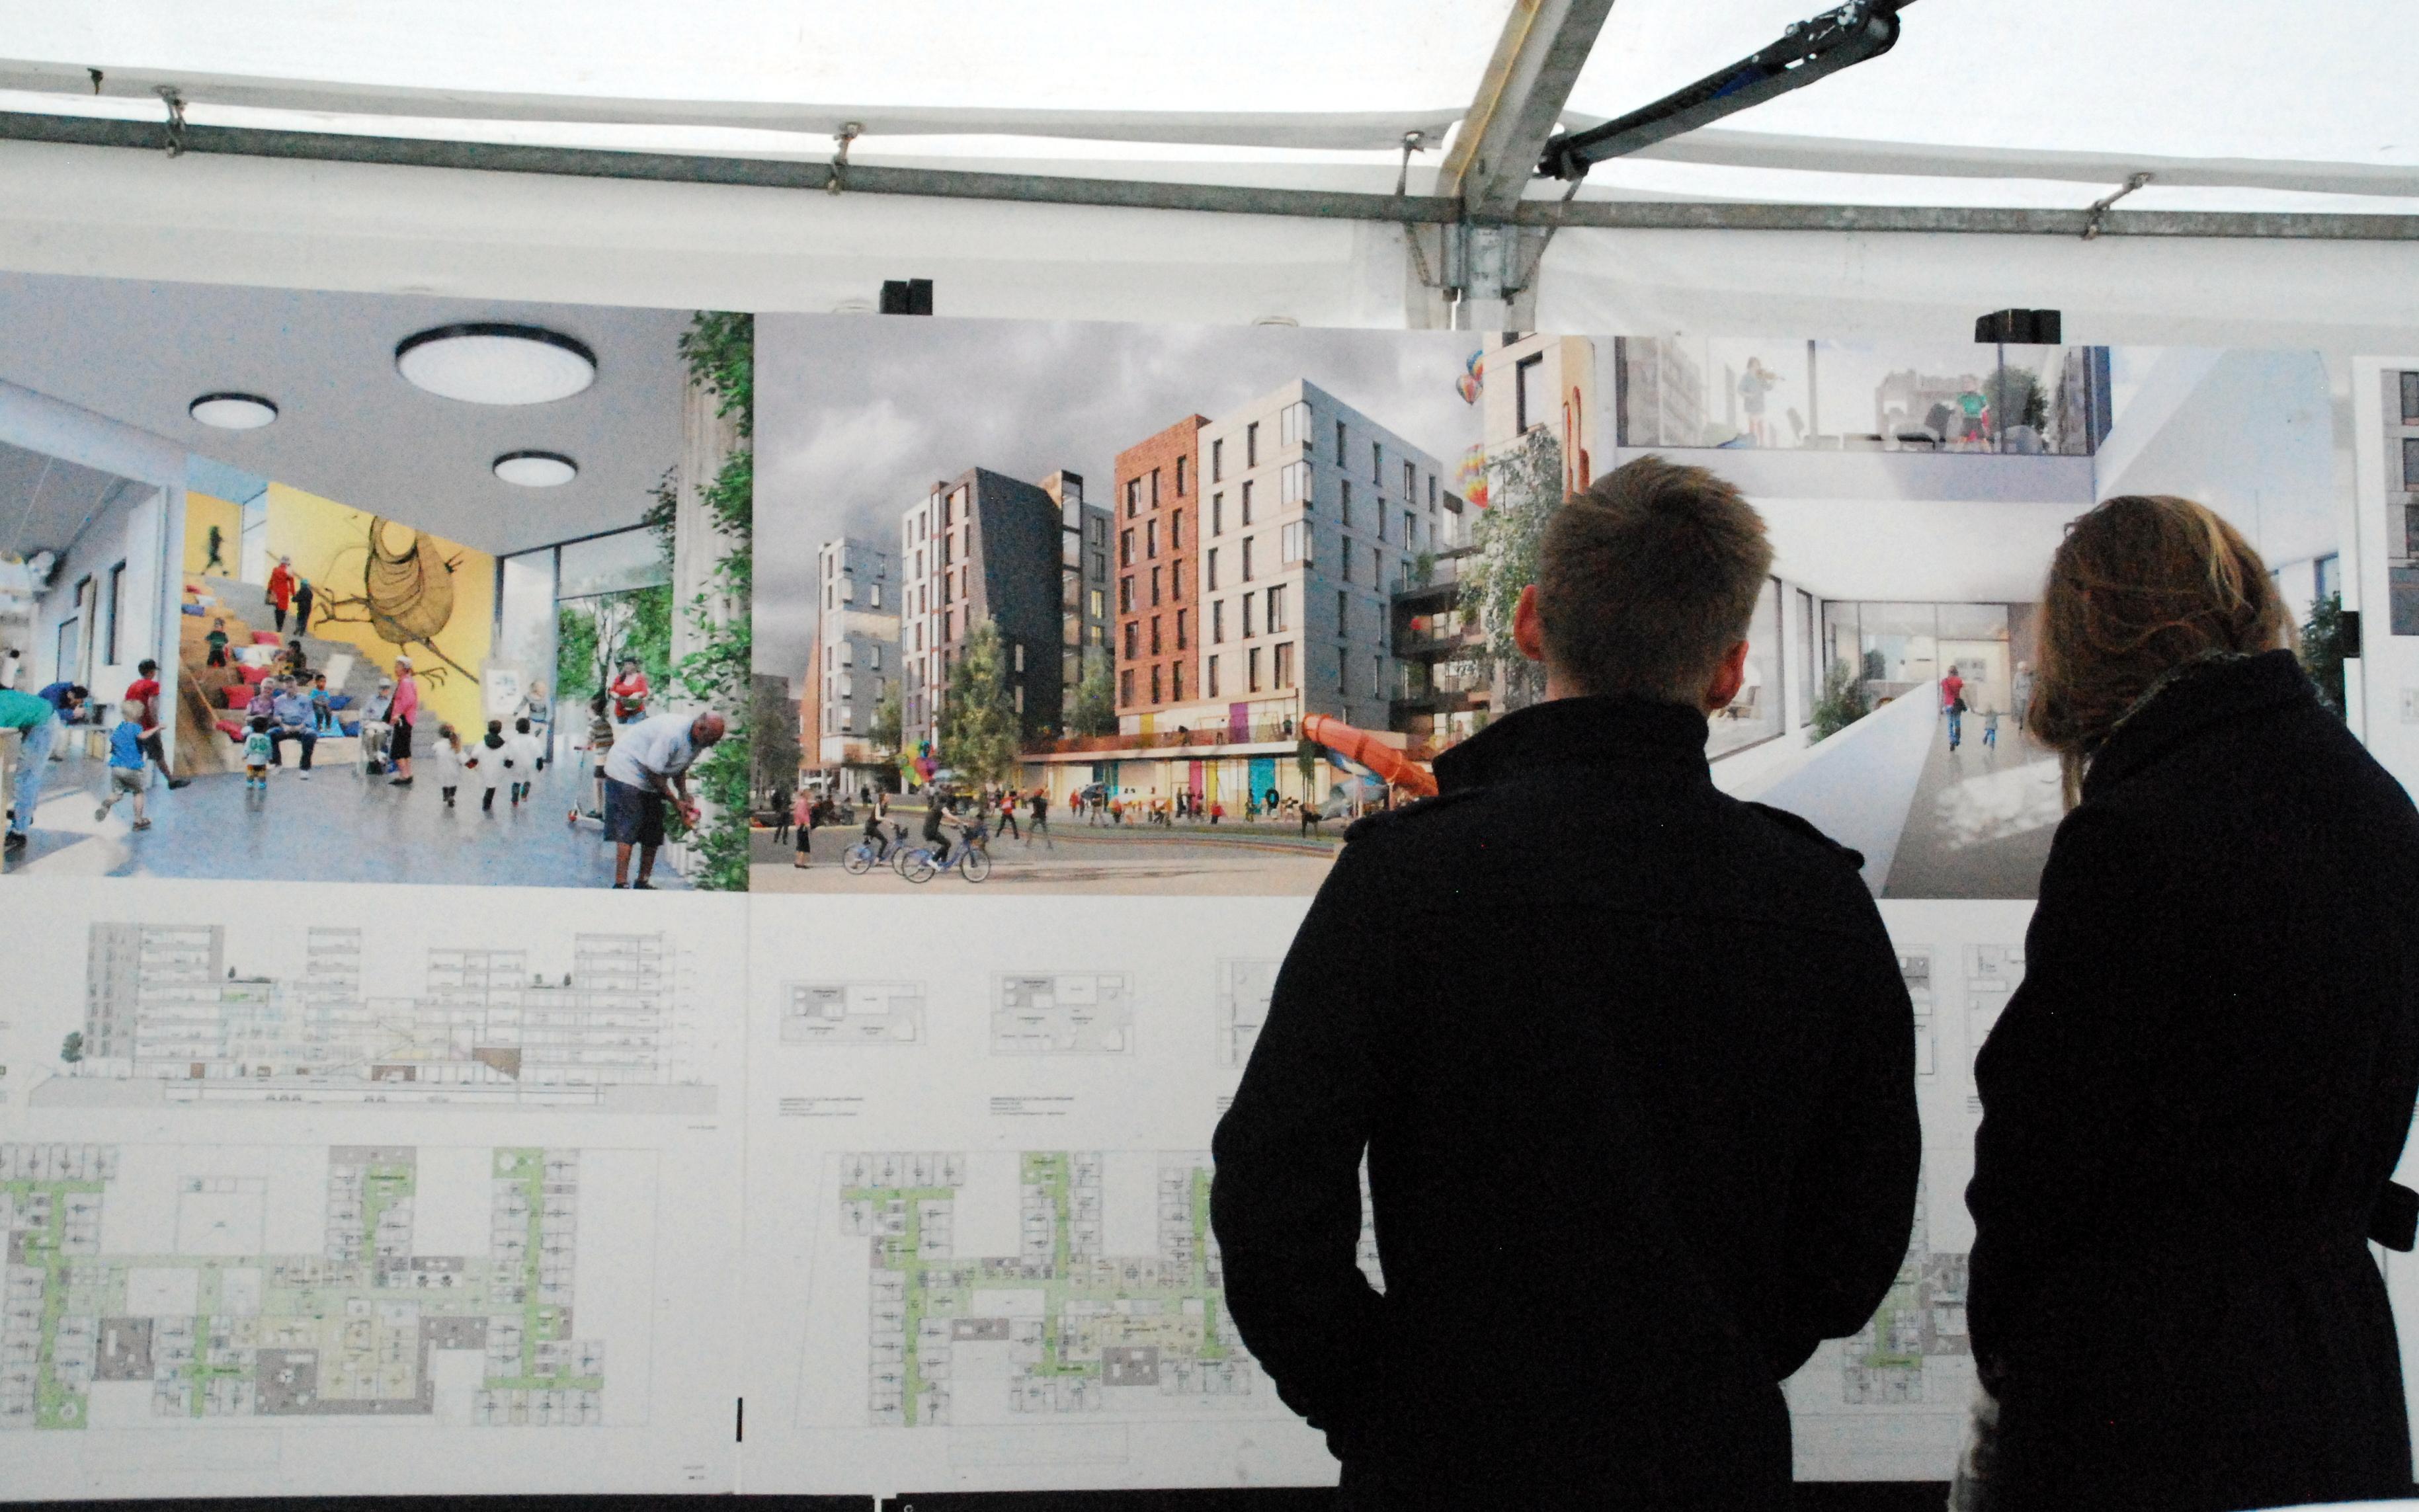 Tegningerne af det kommende Generationernes Hus blev præsenteret for offentligheden i forbindelse med første spadestik. Foto: Ulla Skovsbøl